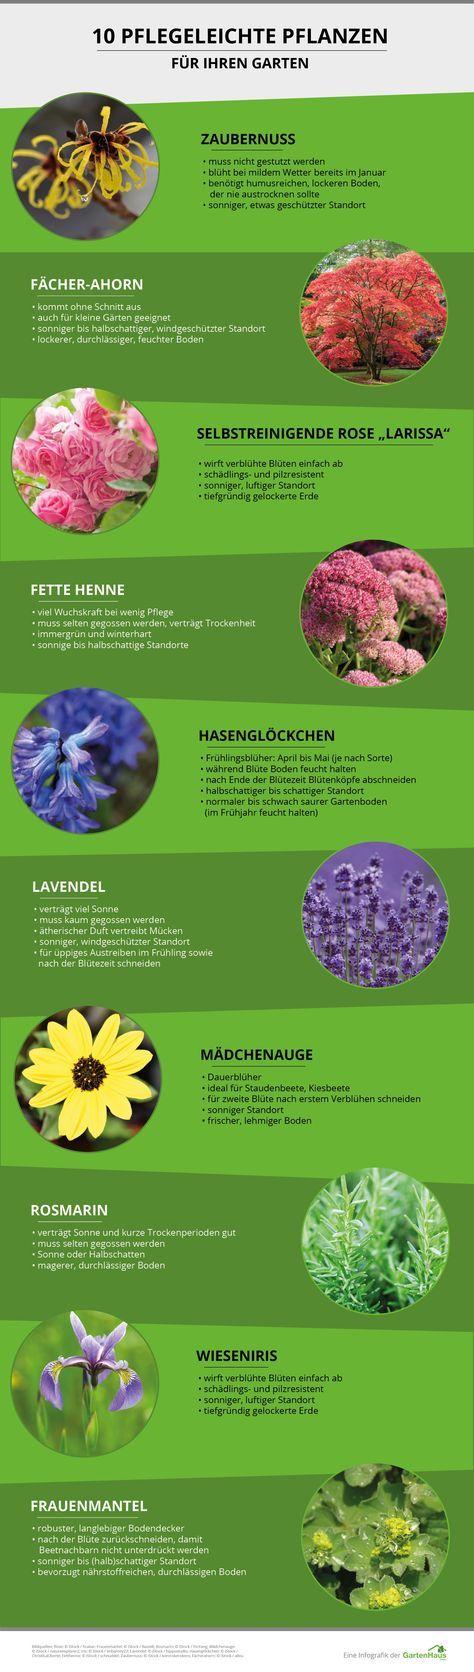 17 best ideas about pflegeleichte pflanzen on pinterest. Black Bedroom Furniture Sets. Home Design Ideas